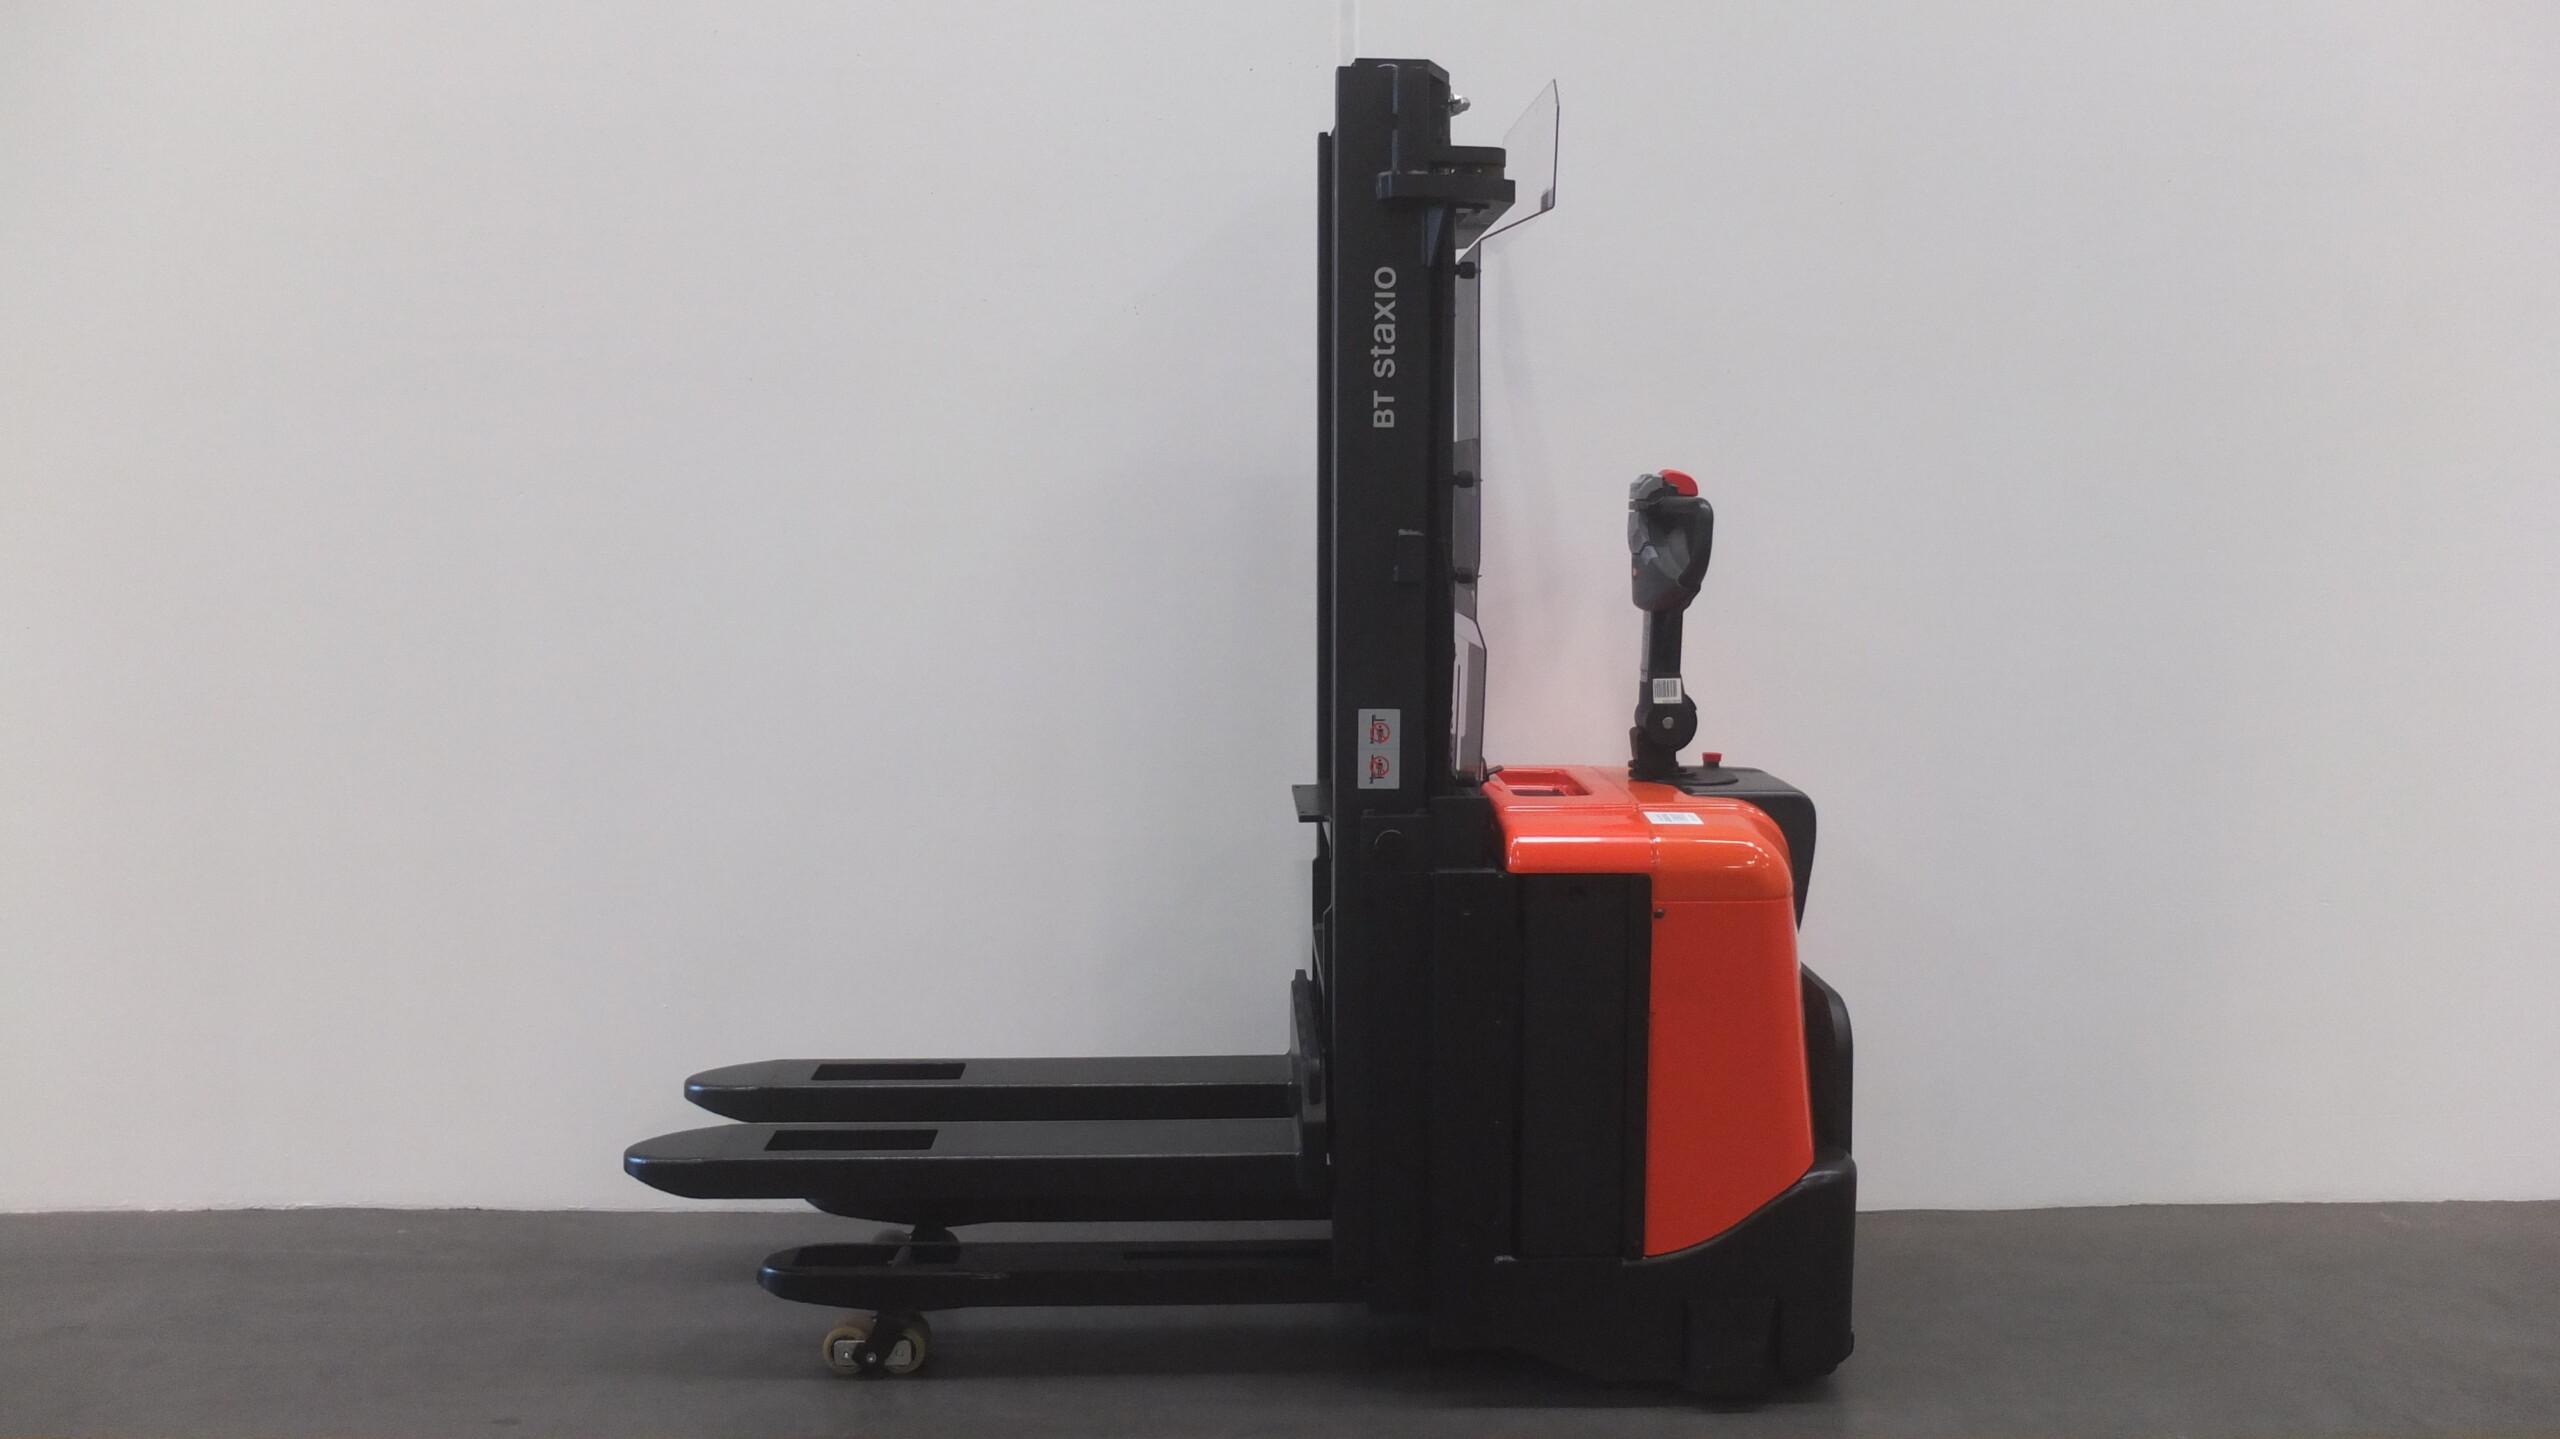 Toyota-Gabelstapler-59840 1311001114 1 73 scaled